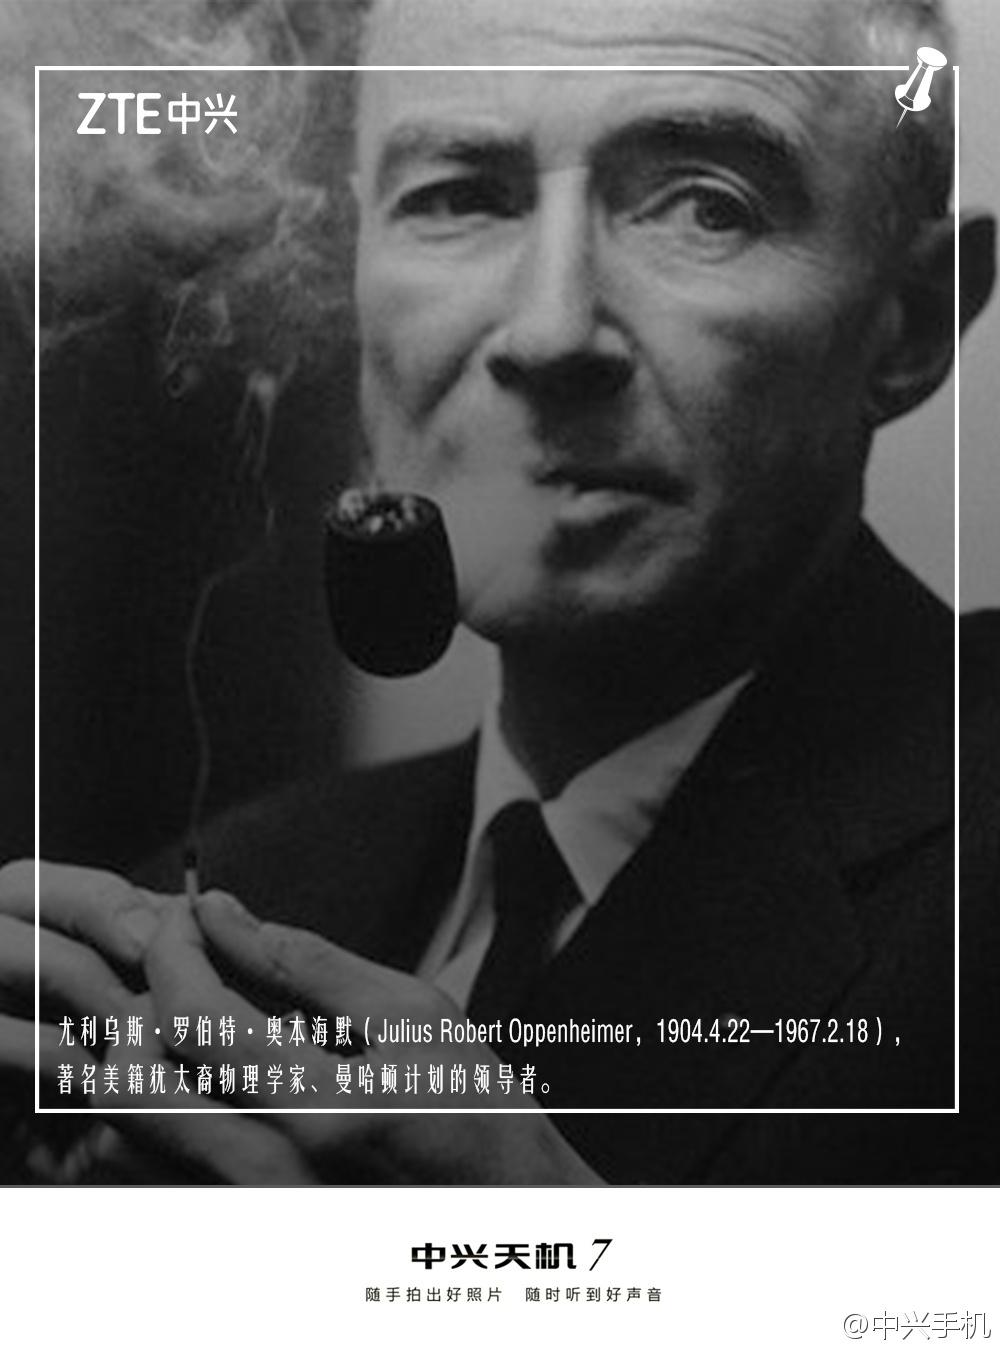 尤利乌斯·罗伯特·奥本海默,著名美籍犹太裔物理学家、曼哈顿计划的领导者